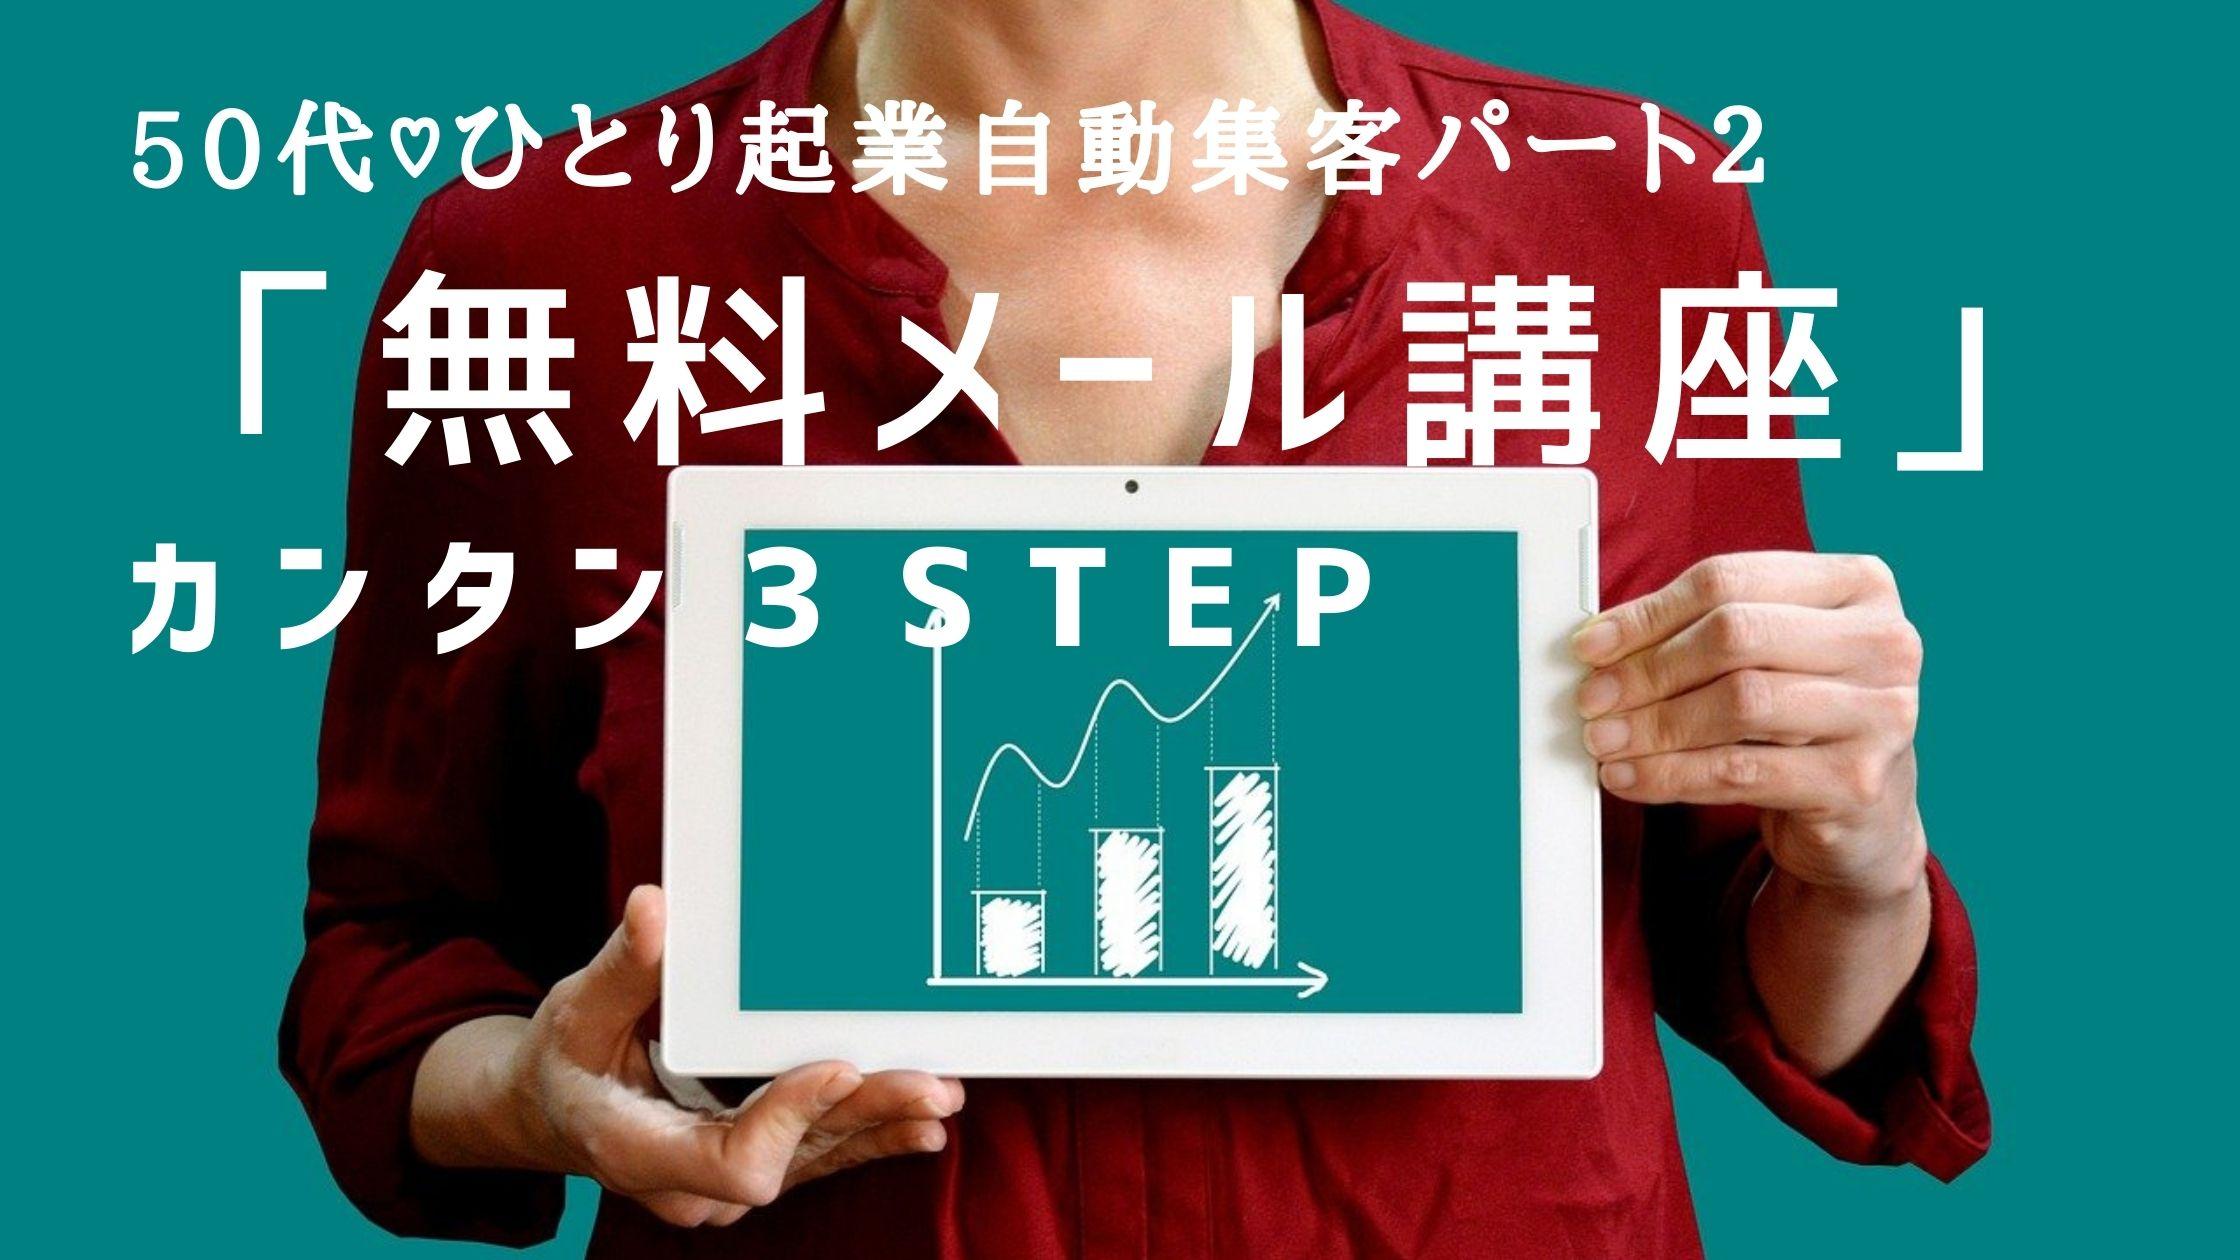 50代♡自動集客パート2【「無料メール講座」カンタン3STEP】